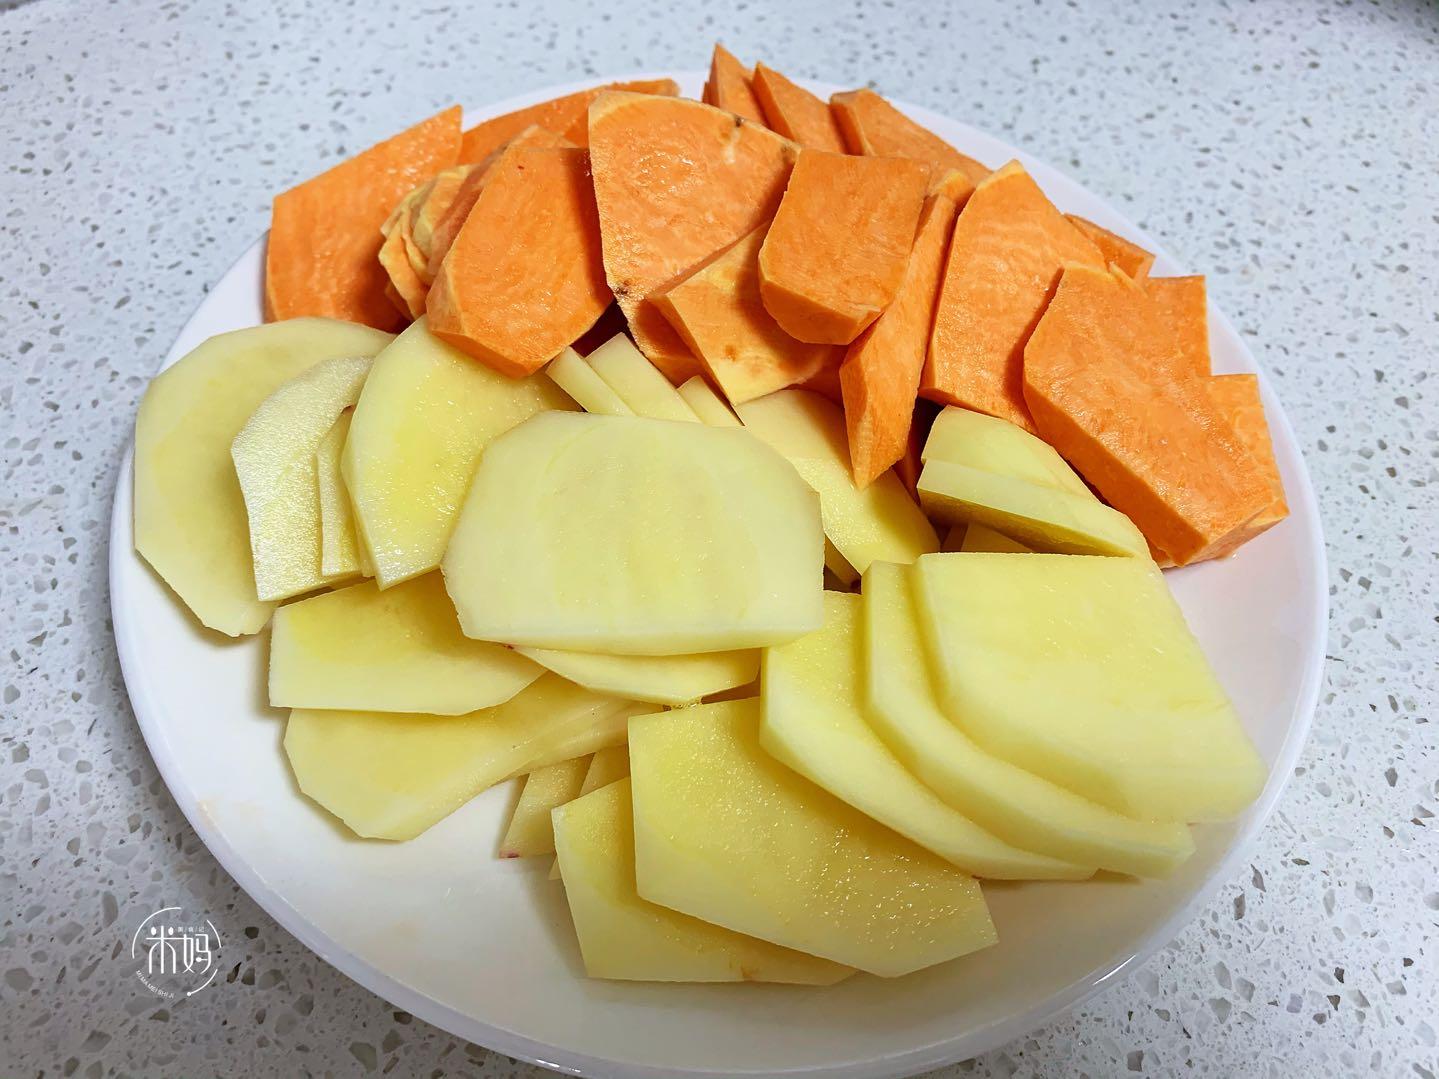 土豆的新吃法,不炖不红烧,卷一卷鲜香美味还拉丝,特好吃